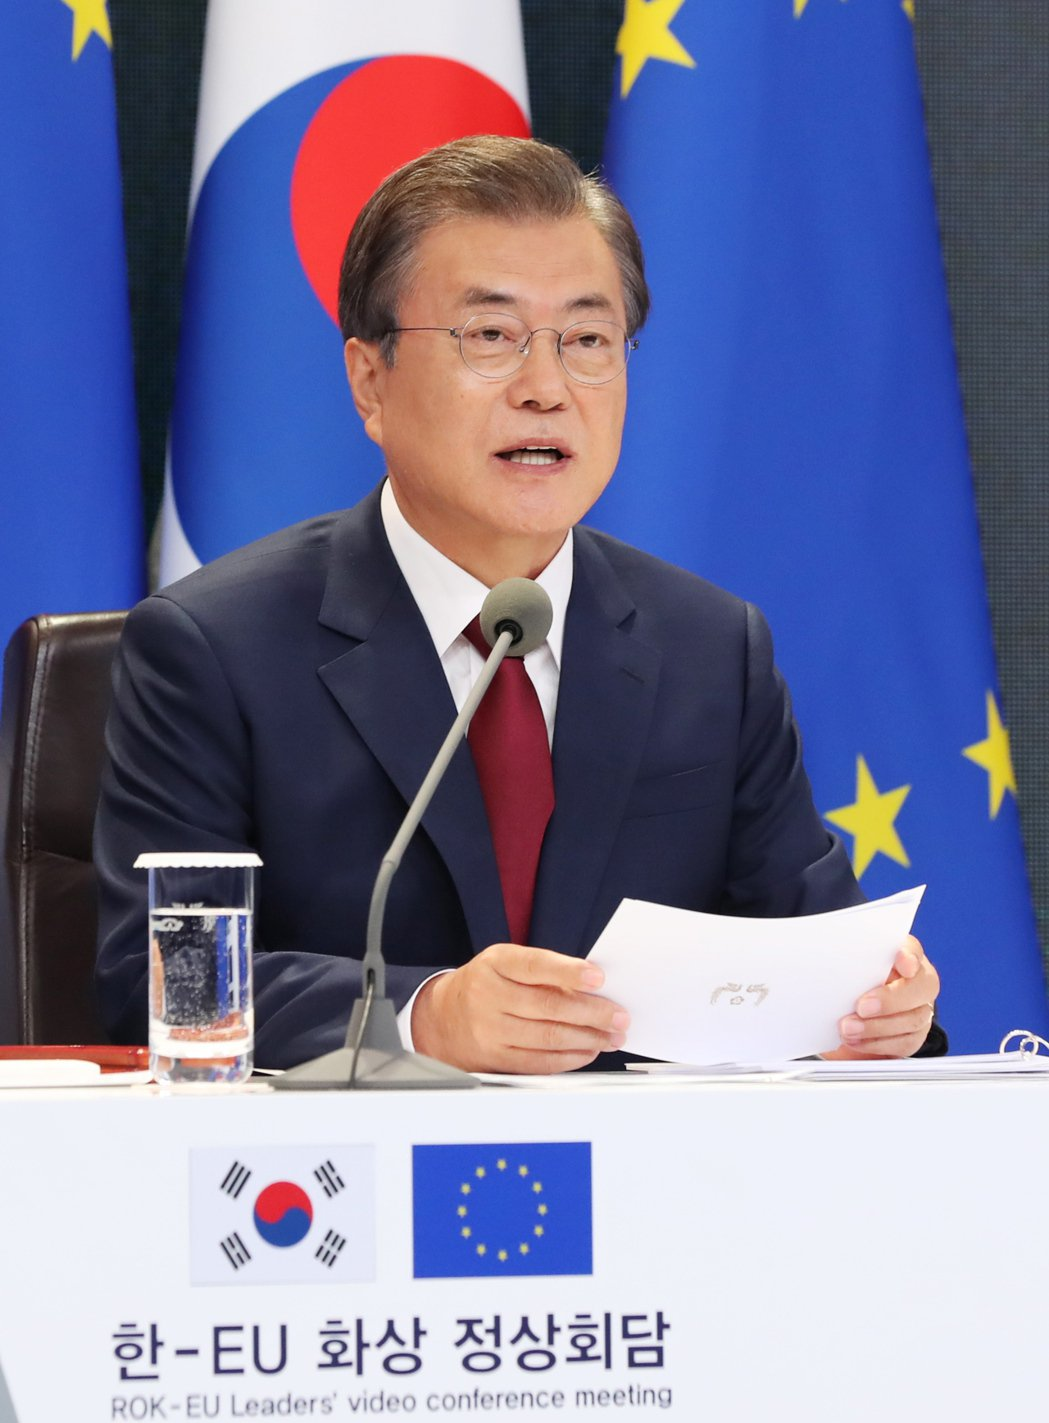 南韓總統文在寅準備施行南韓版新政。歐新社